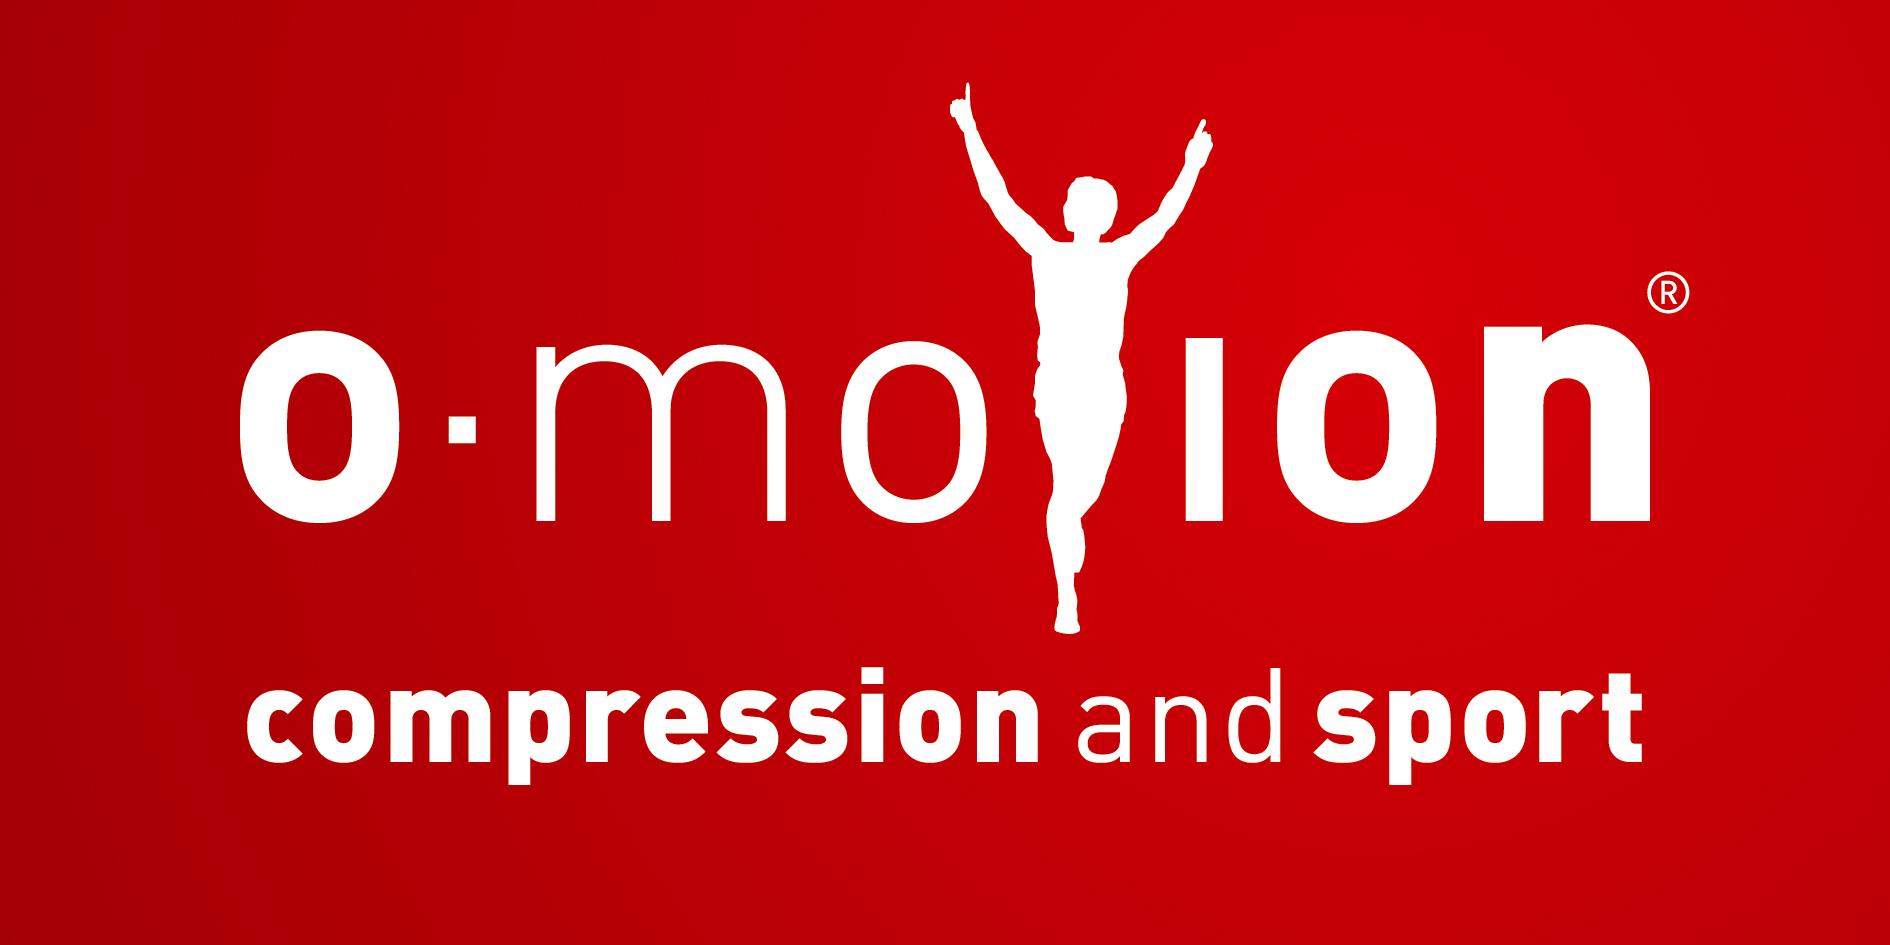 o-motion_logo_300dpi.jpg - 347.55 kB